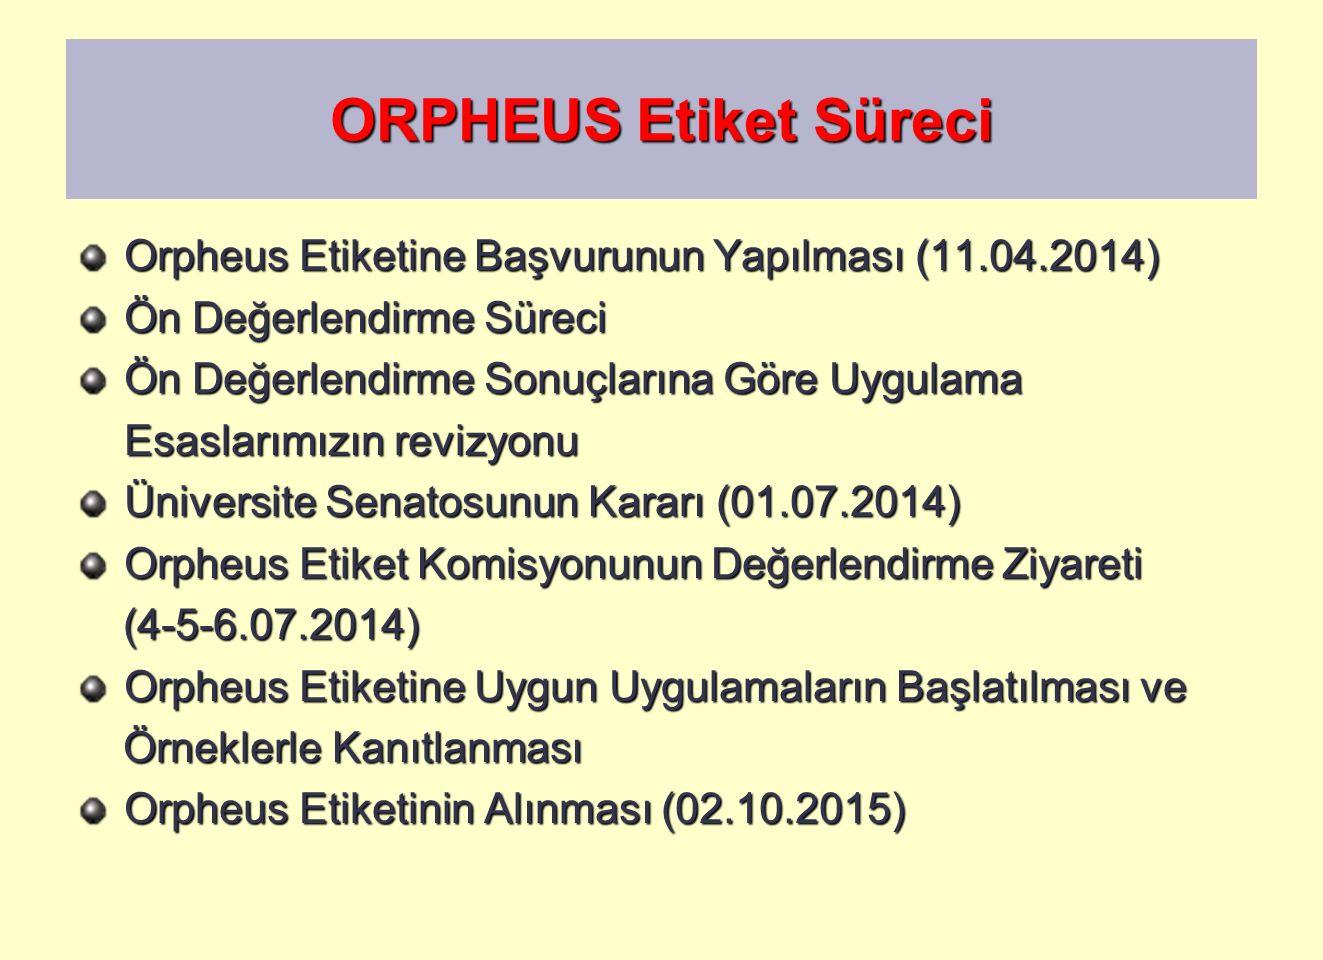 ORPHEUS Etiket Süreci Orpheus Etiketine Başvurunun Yapılması (11.04.2014) Orpheus Etiketine Başvurunun Yapılması (11.04.2014) Ön Değerlendirme Süreci